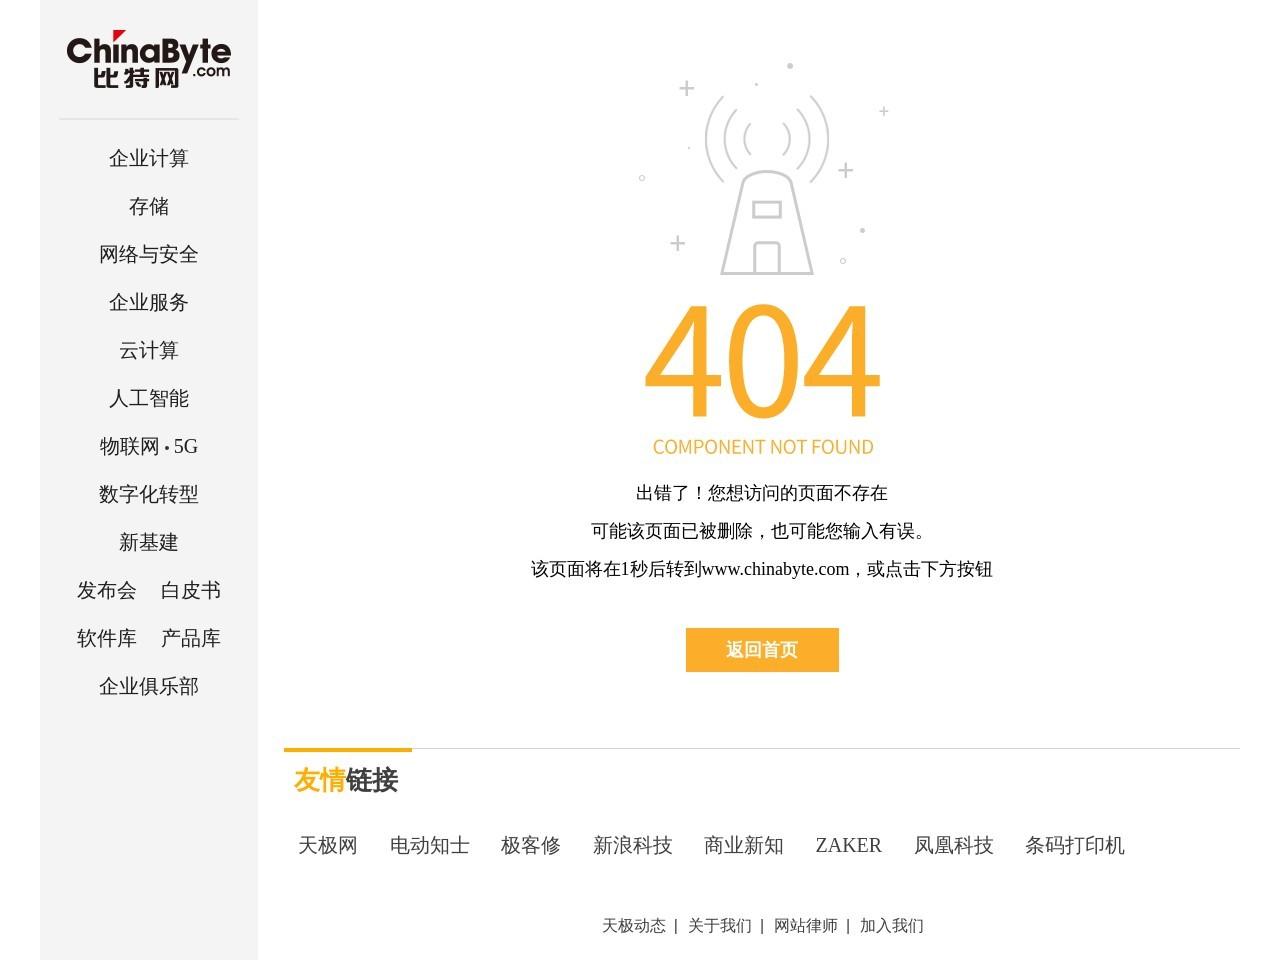 首届触控AnySDK沙龙携手渠道开发商共赢